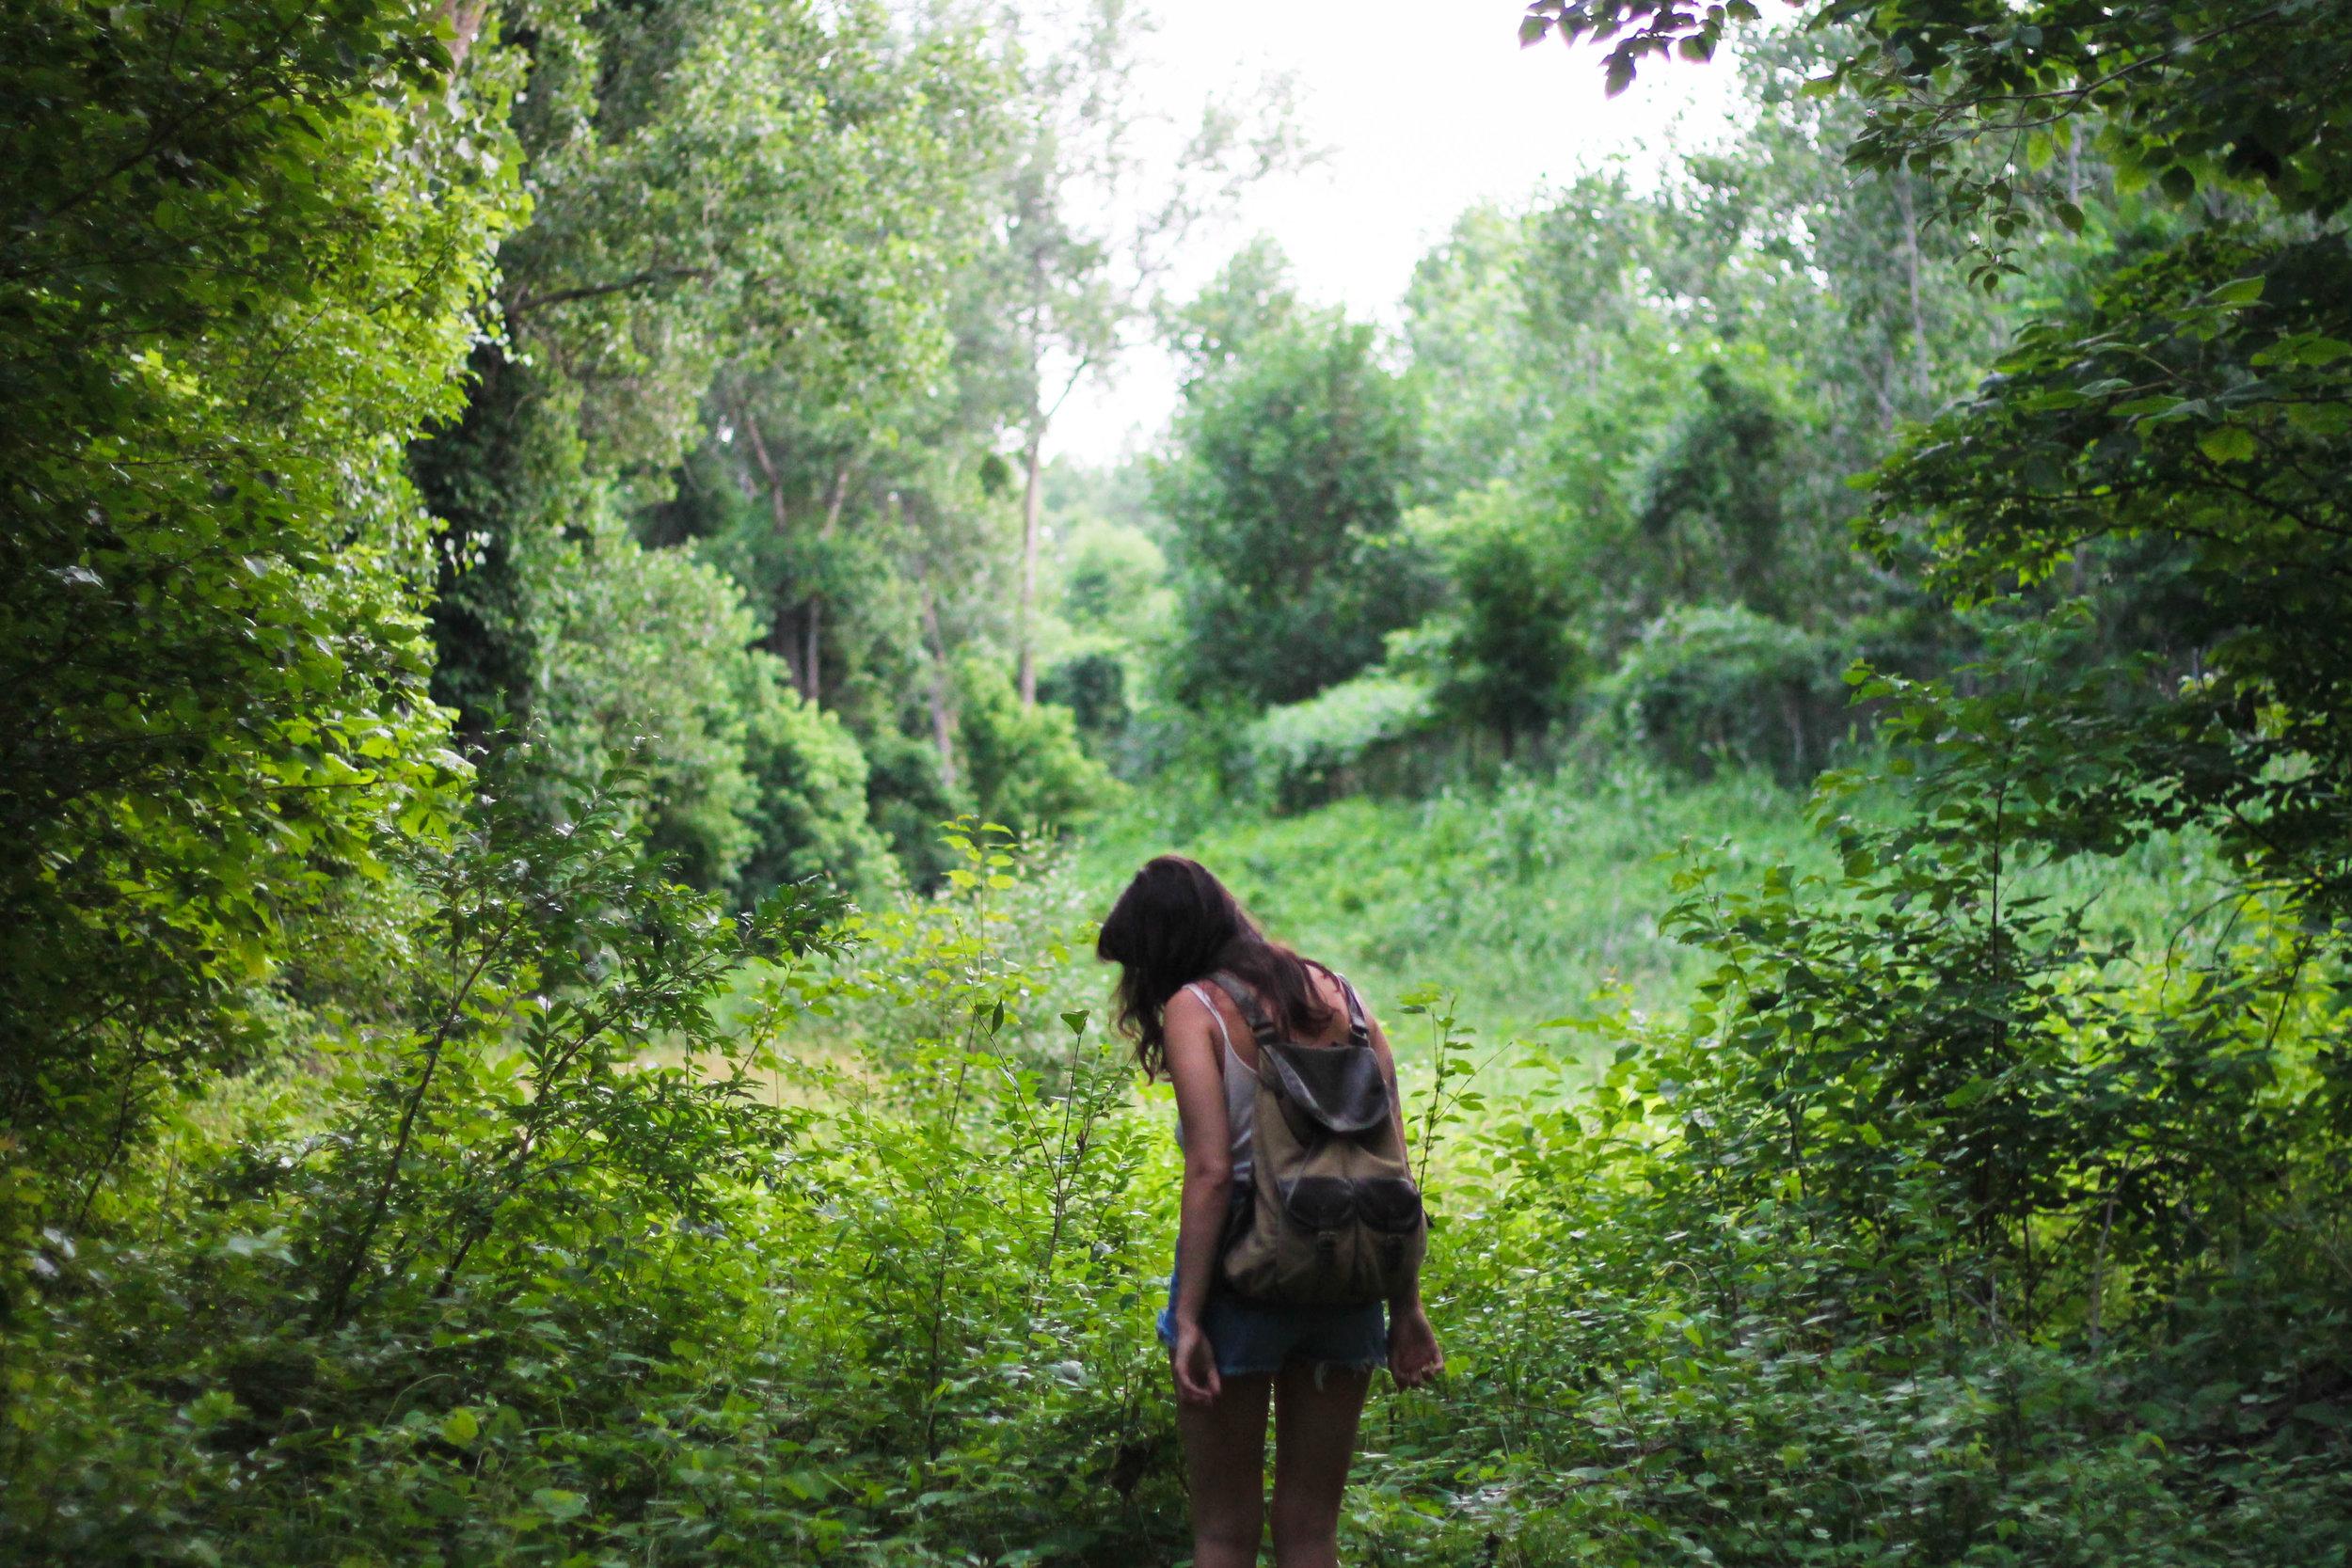 girl in nature.jpg